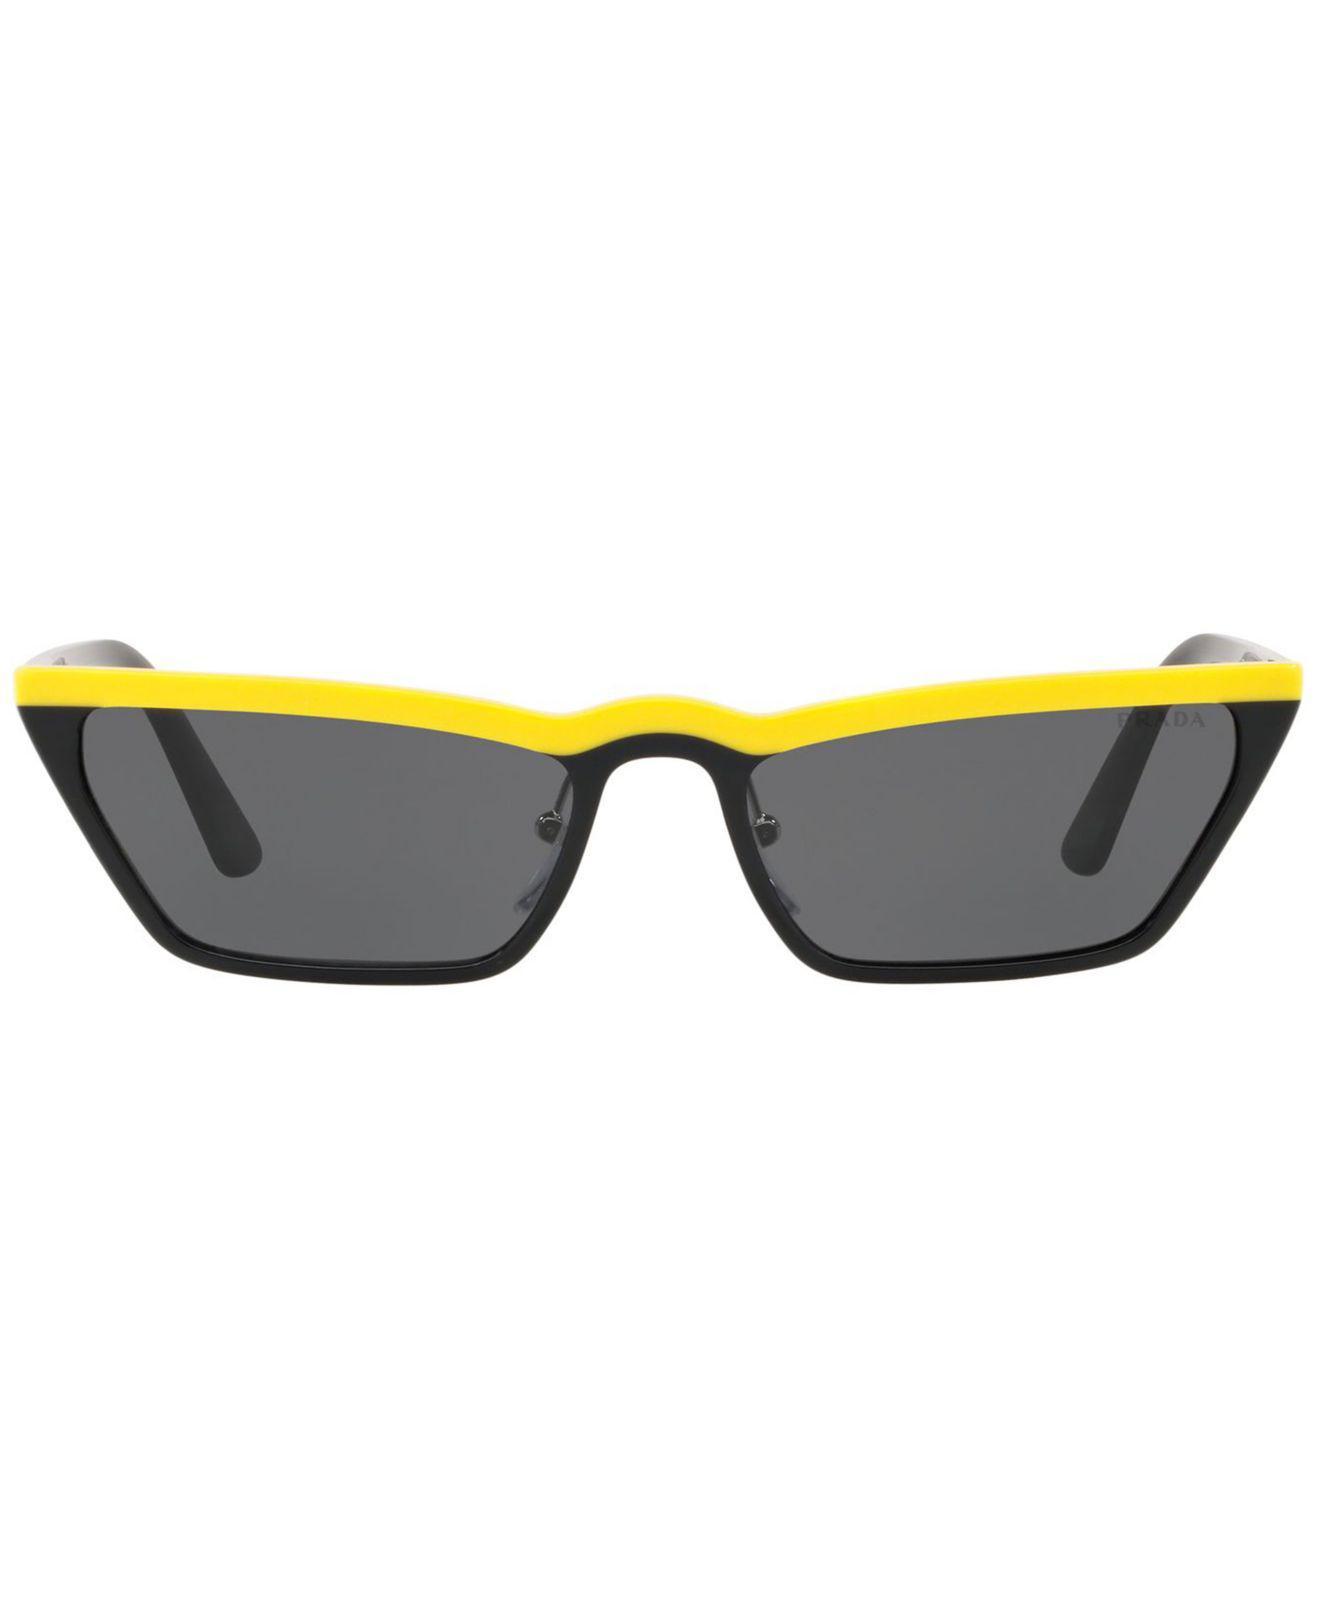 5559704295e86 ... authentic lyst prada sunglasses pr 19us 58 31ed9 29ca2